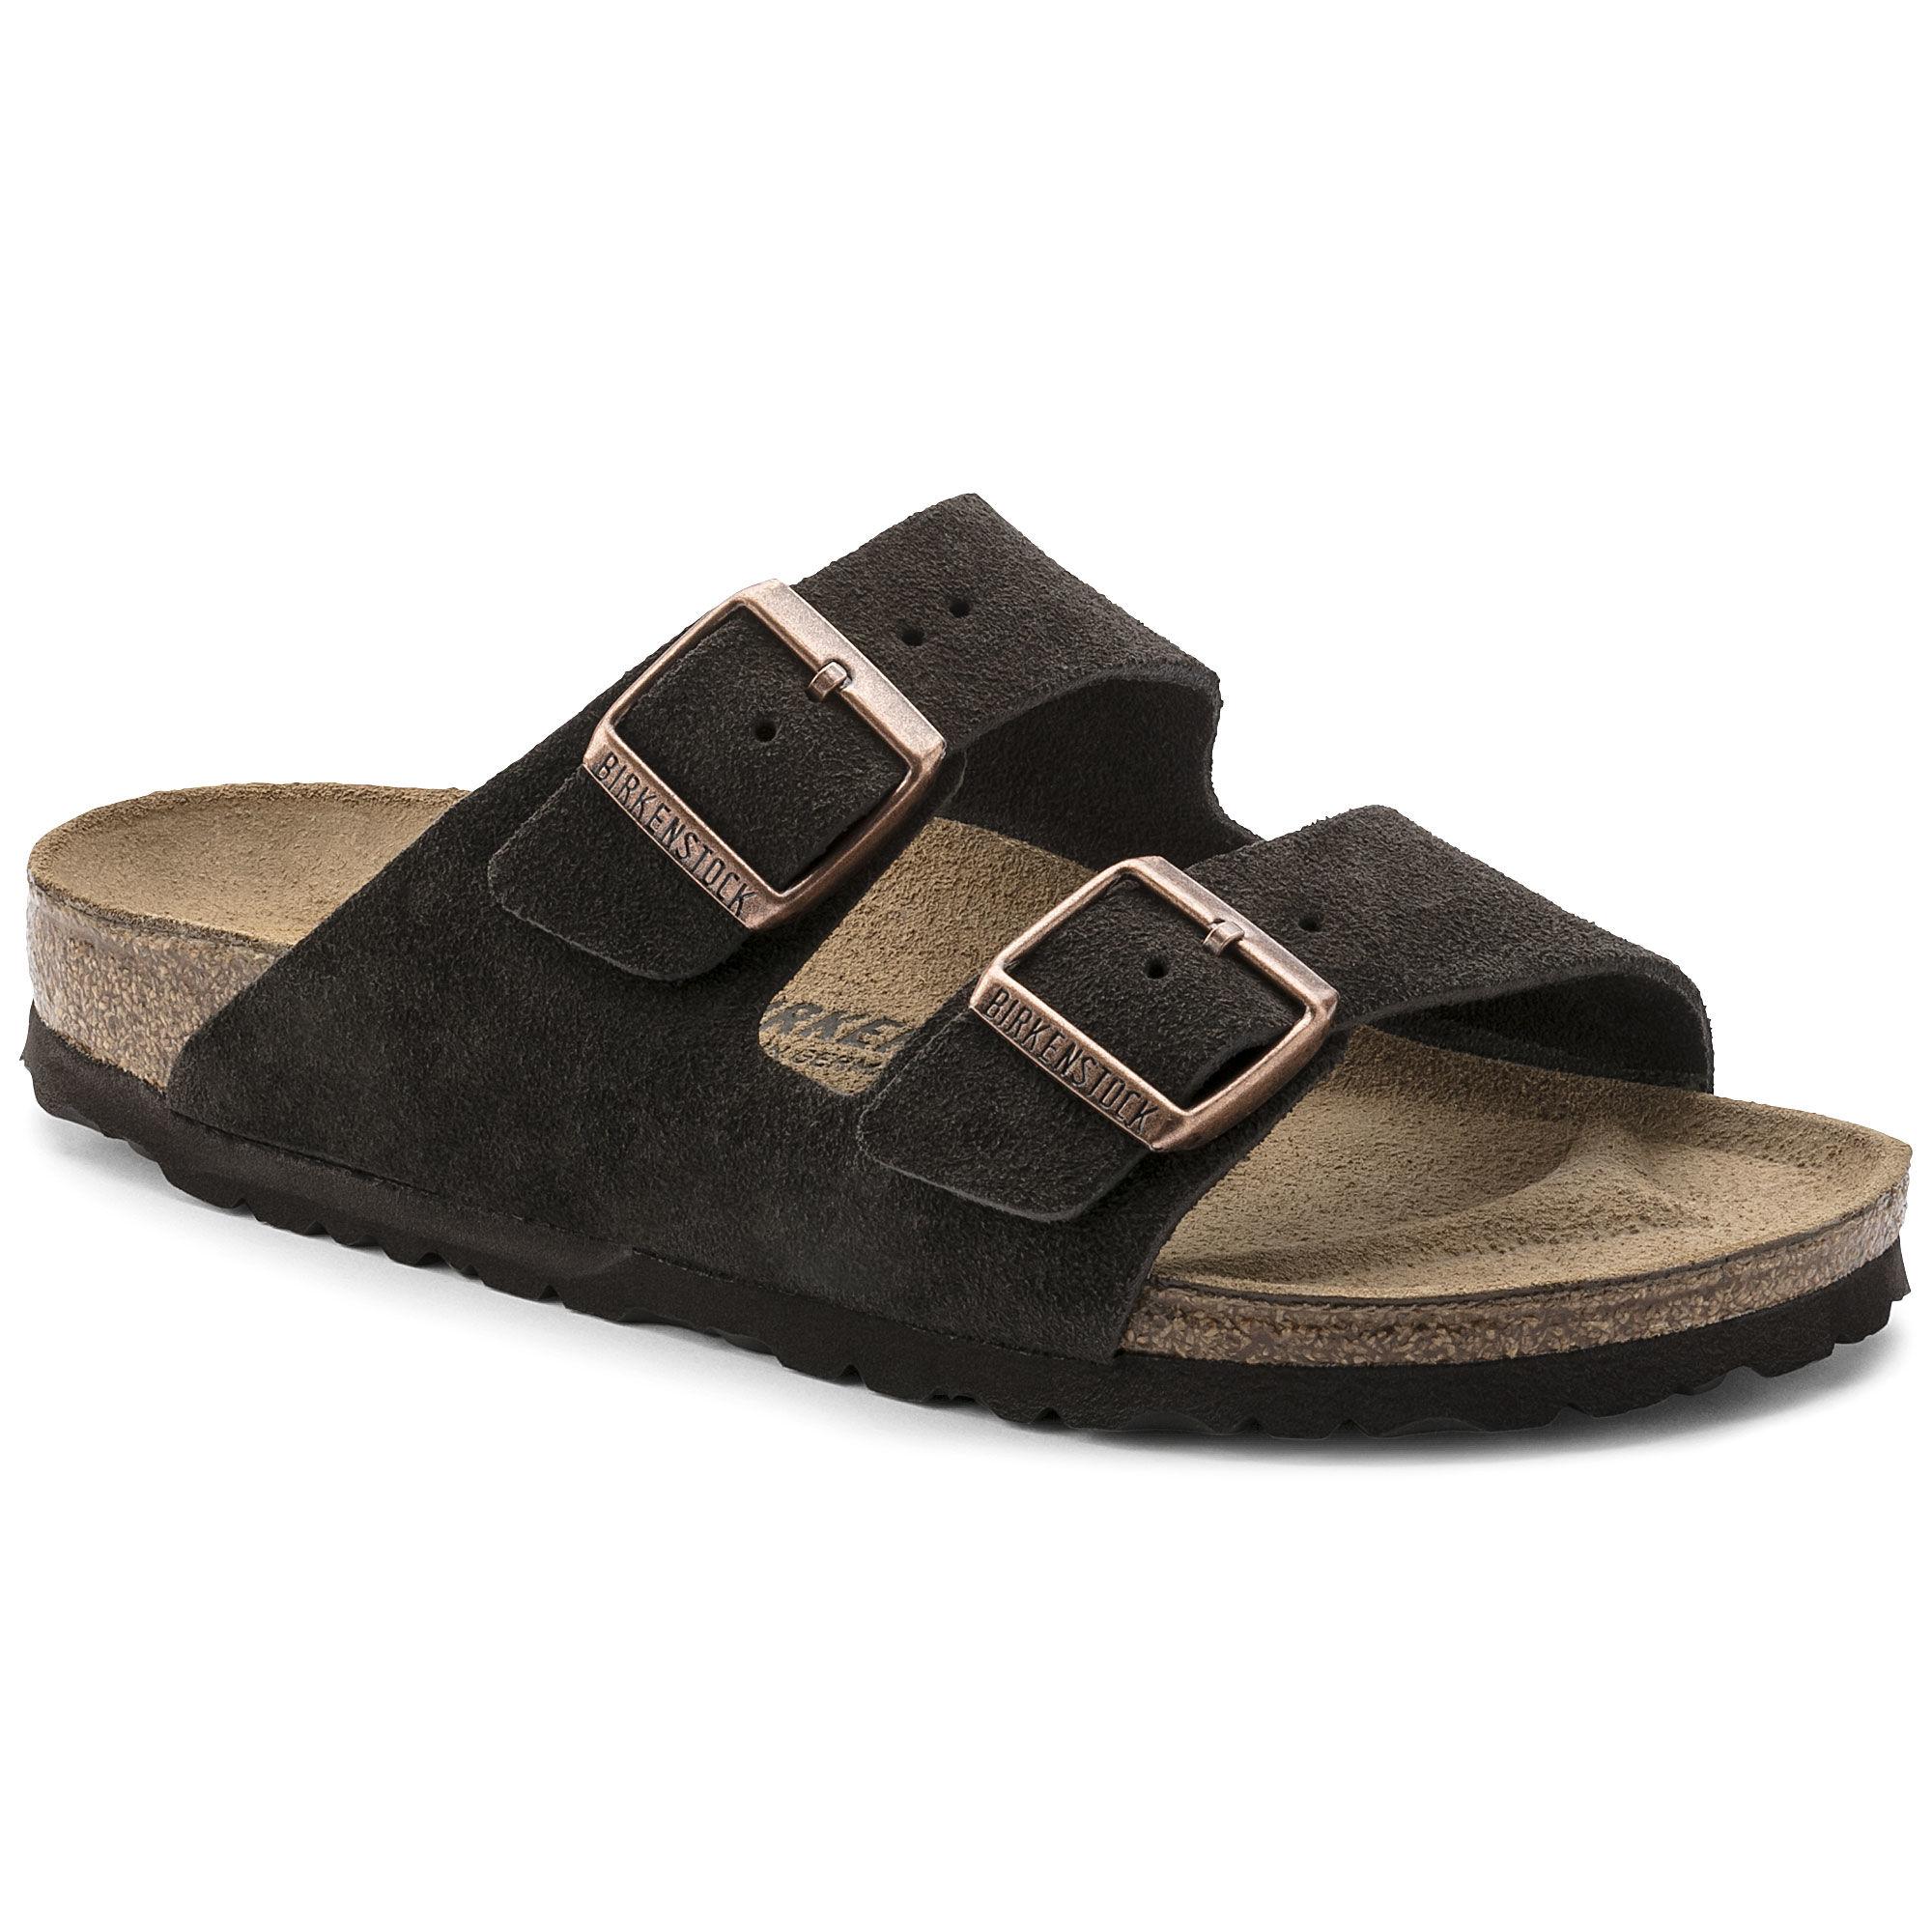 Birkenstock Arizona Mocha Suede Sandals